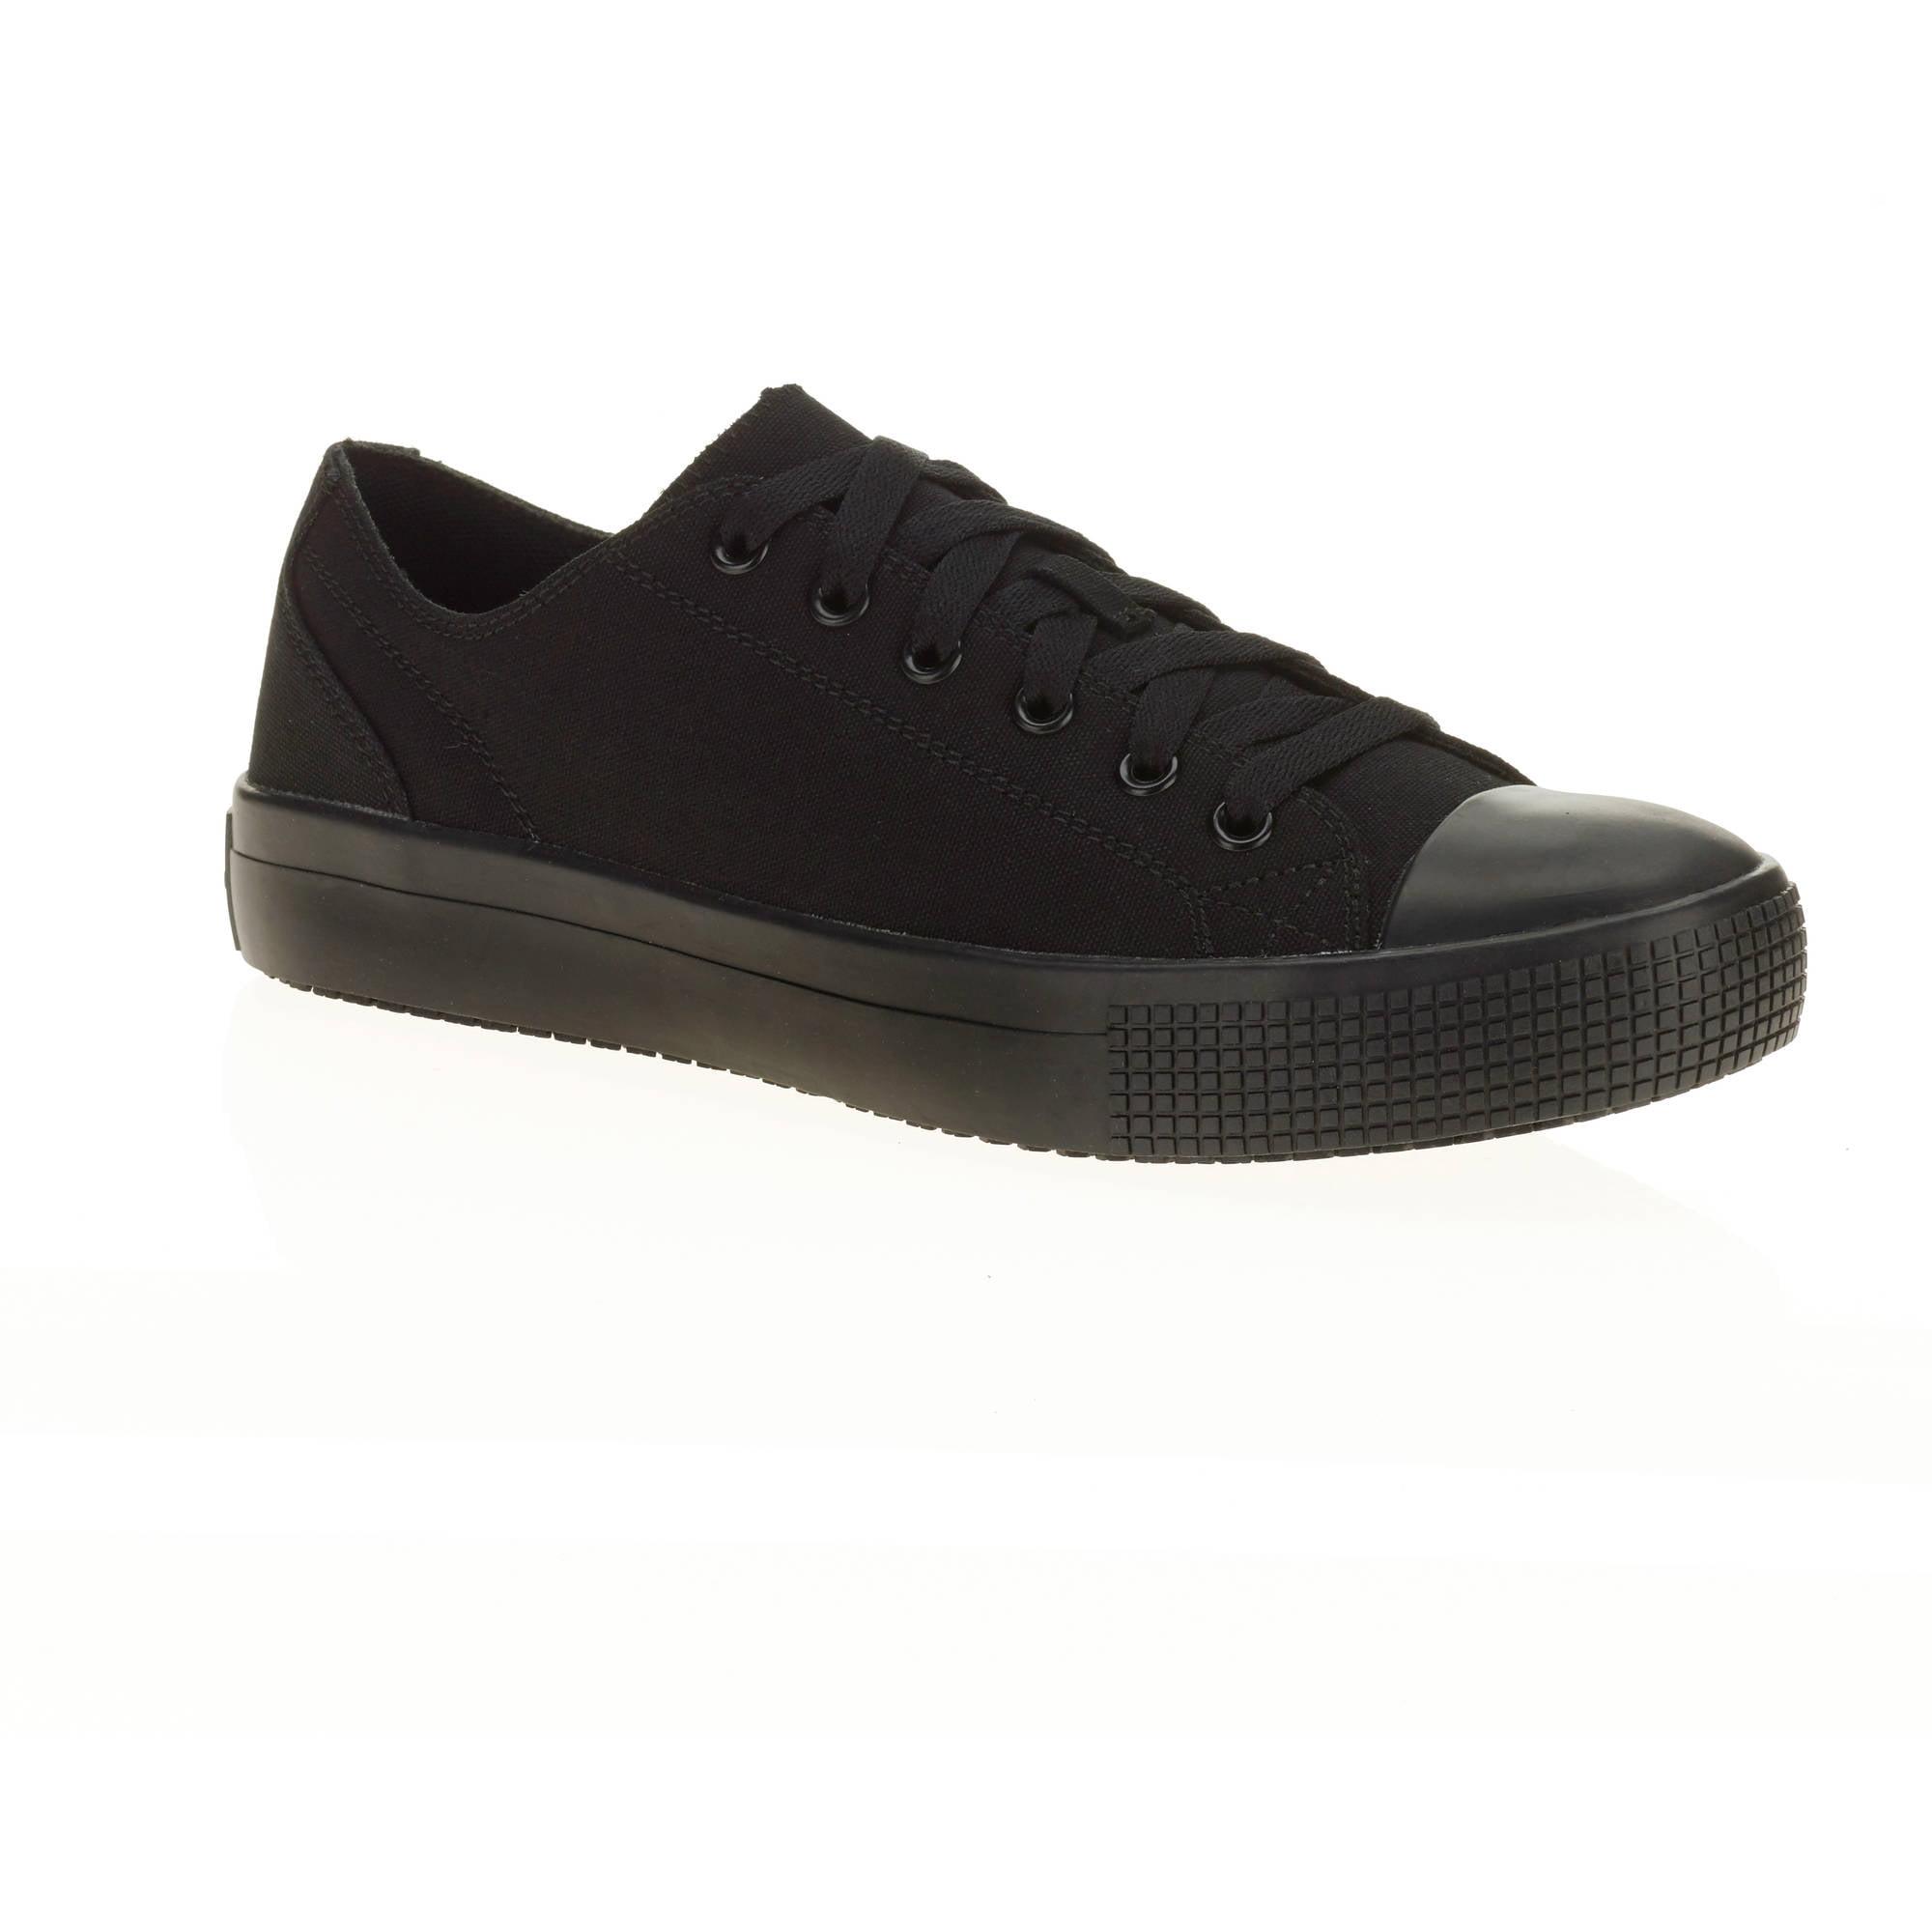 Walmart non slip work shoes